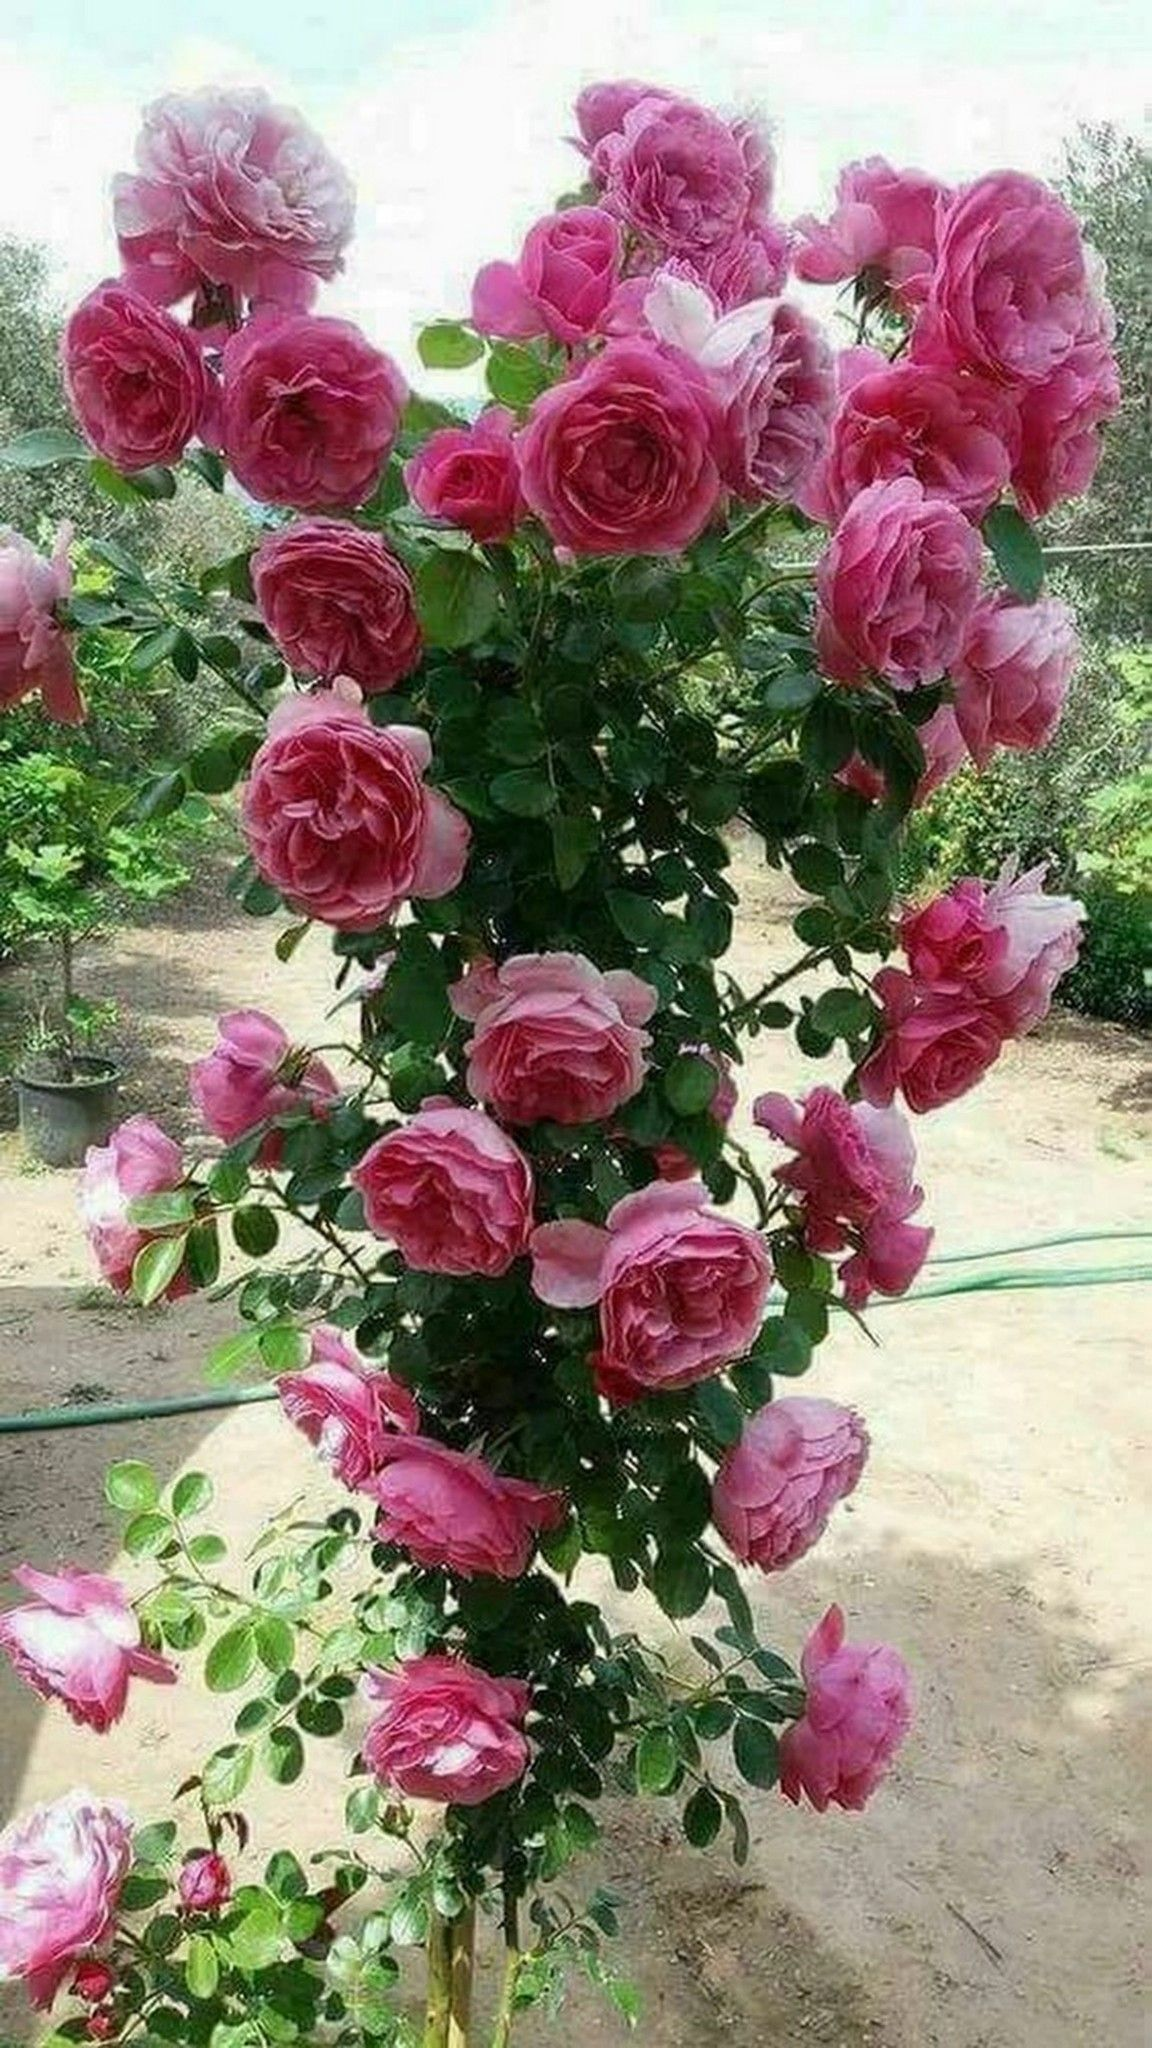 Maravilhoso Pe De Rosas Rosas Trepadeiras Flores